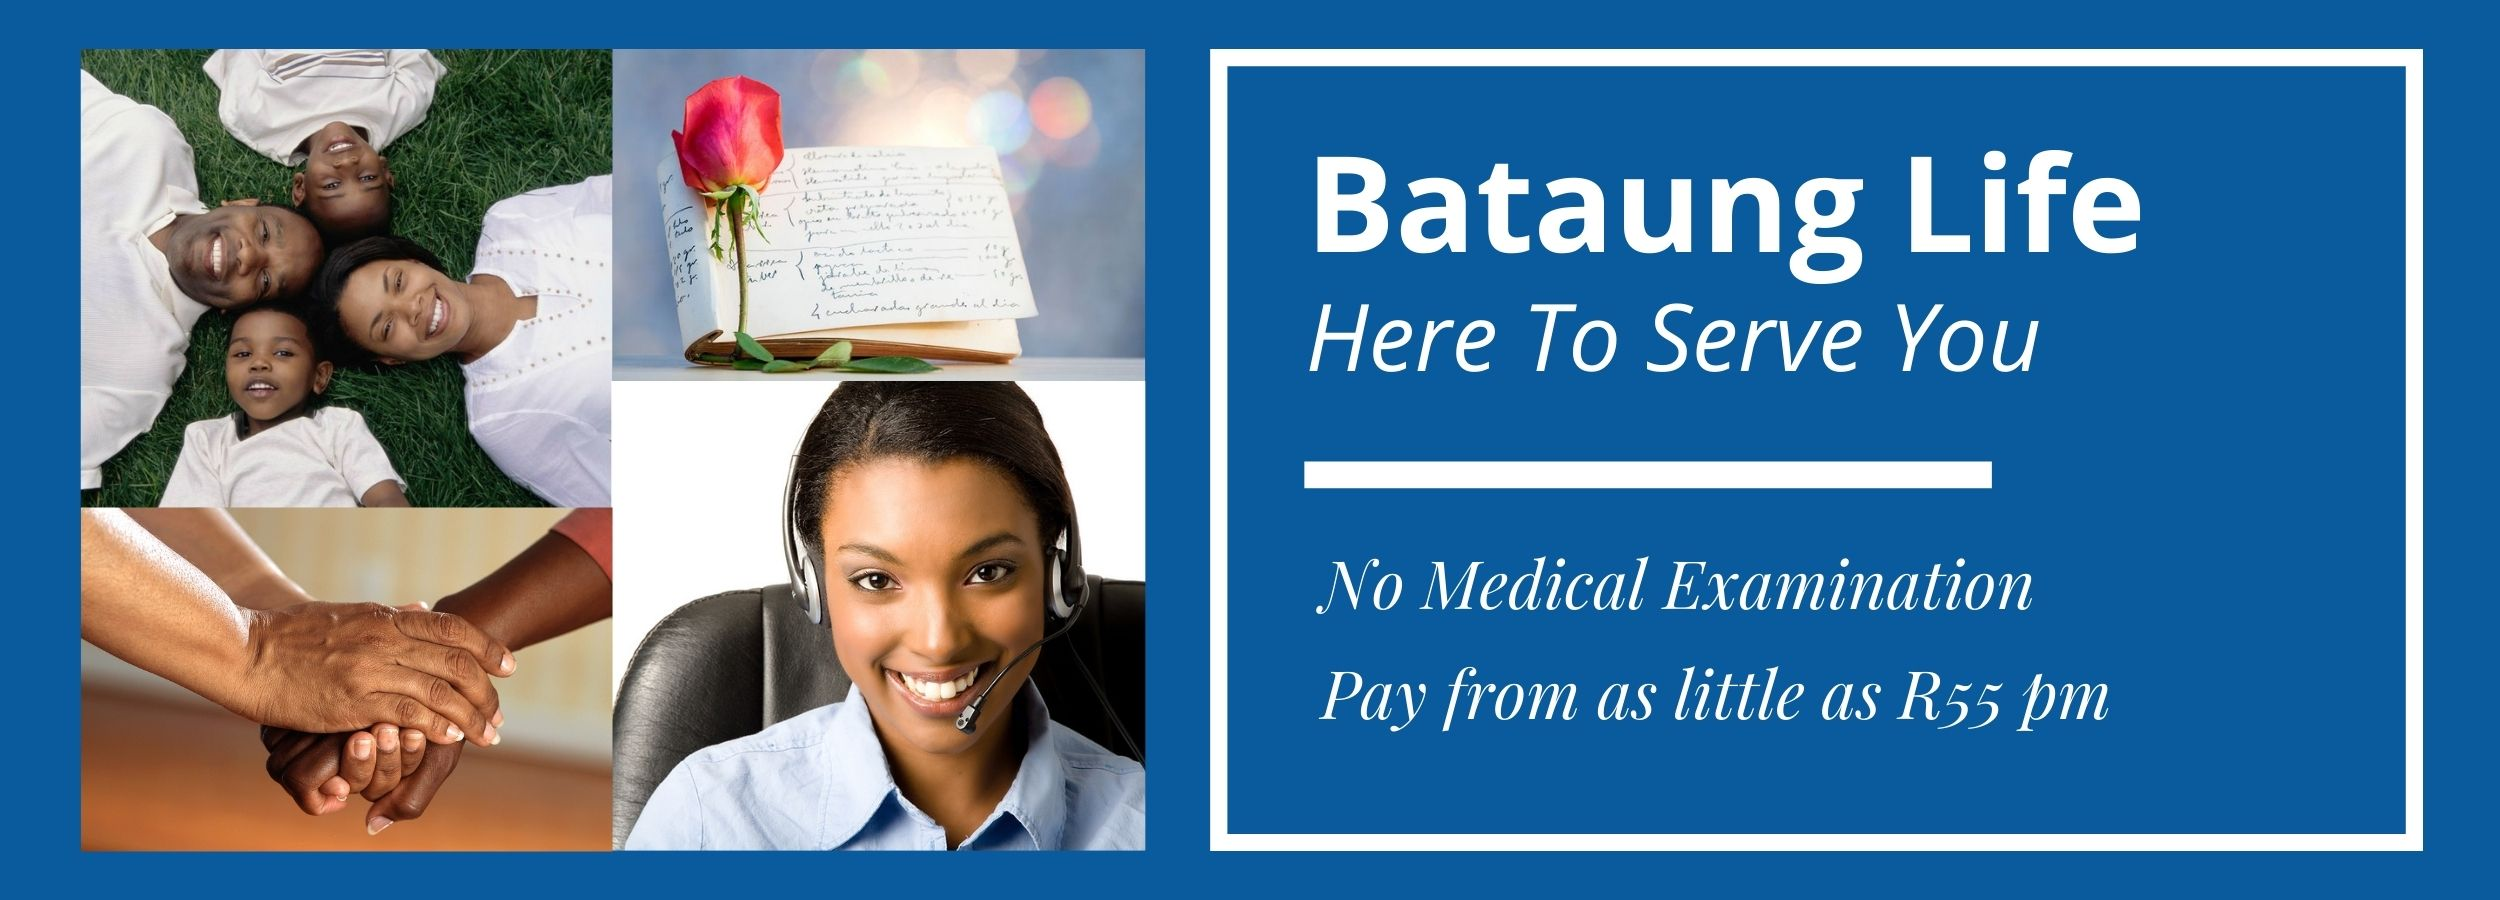 Bataung Life Header